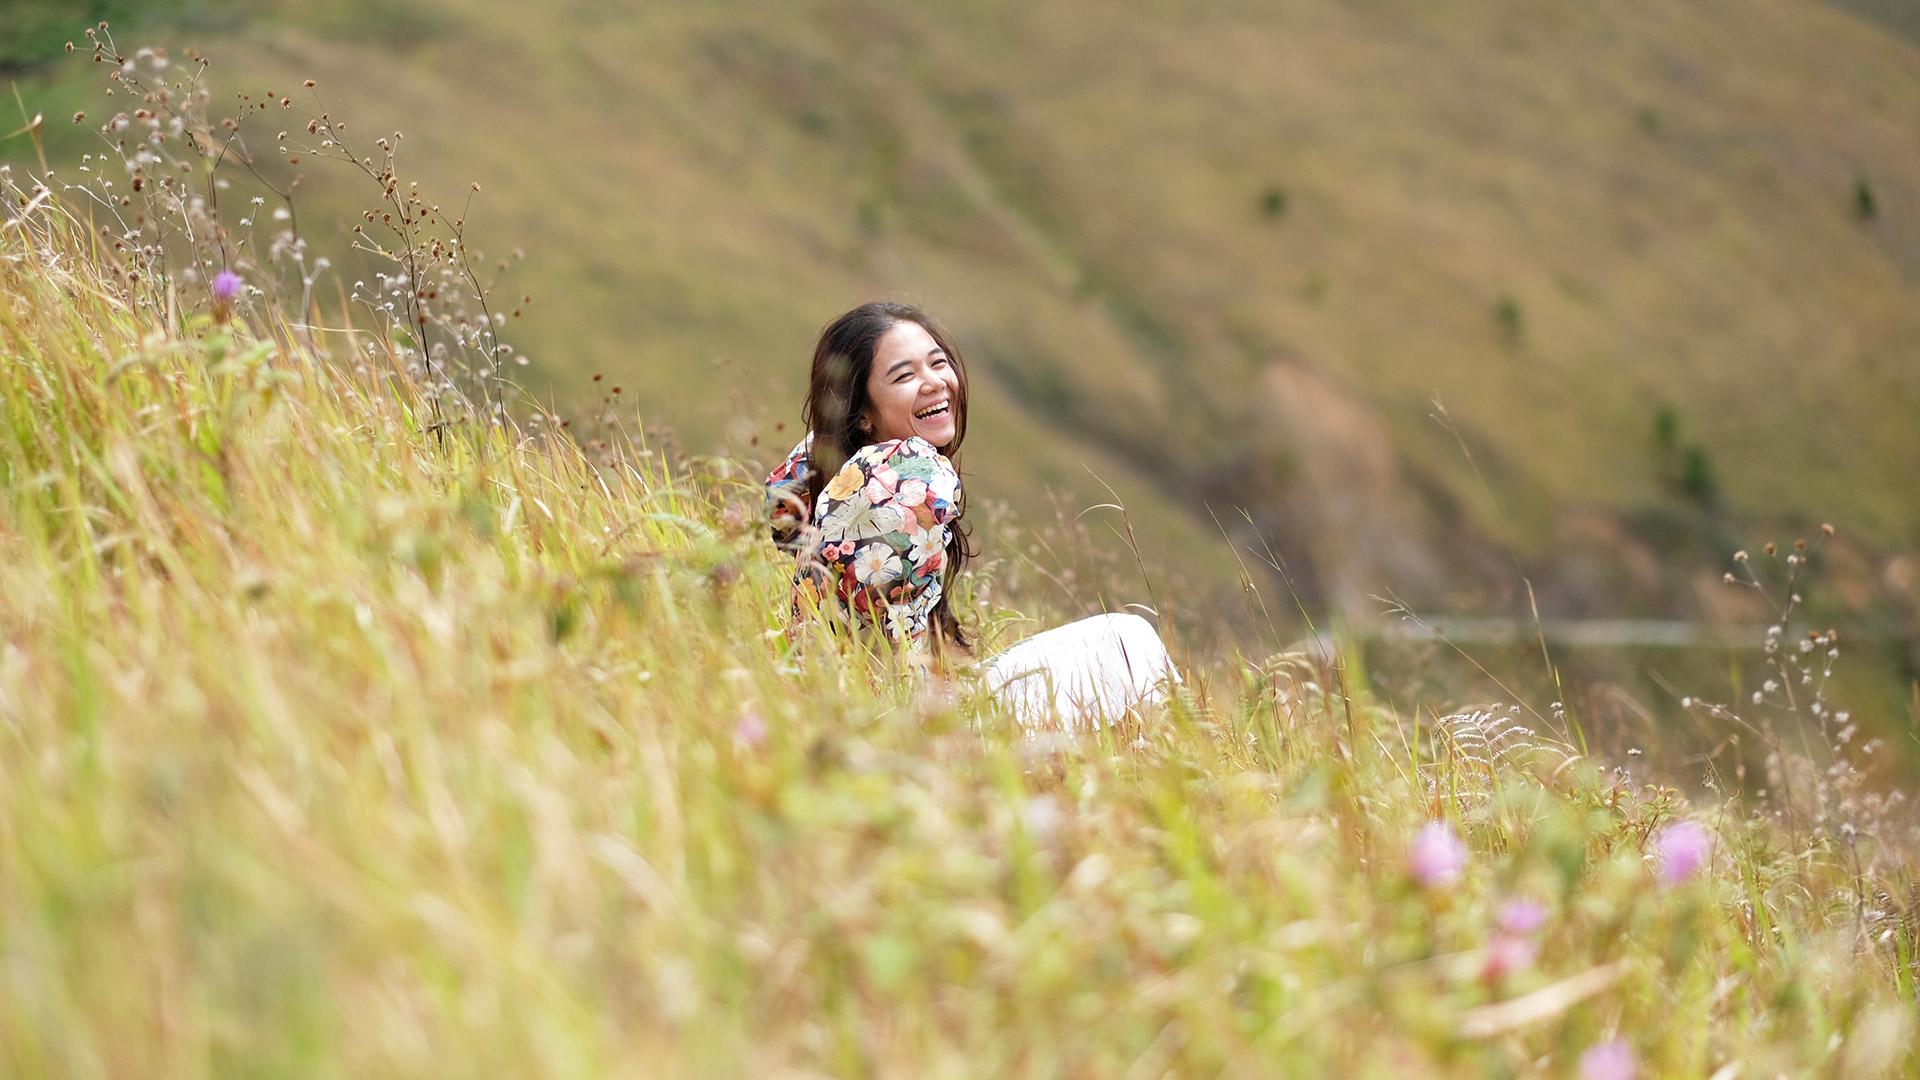 ohelterskelter.com bukit holbung